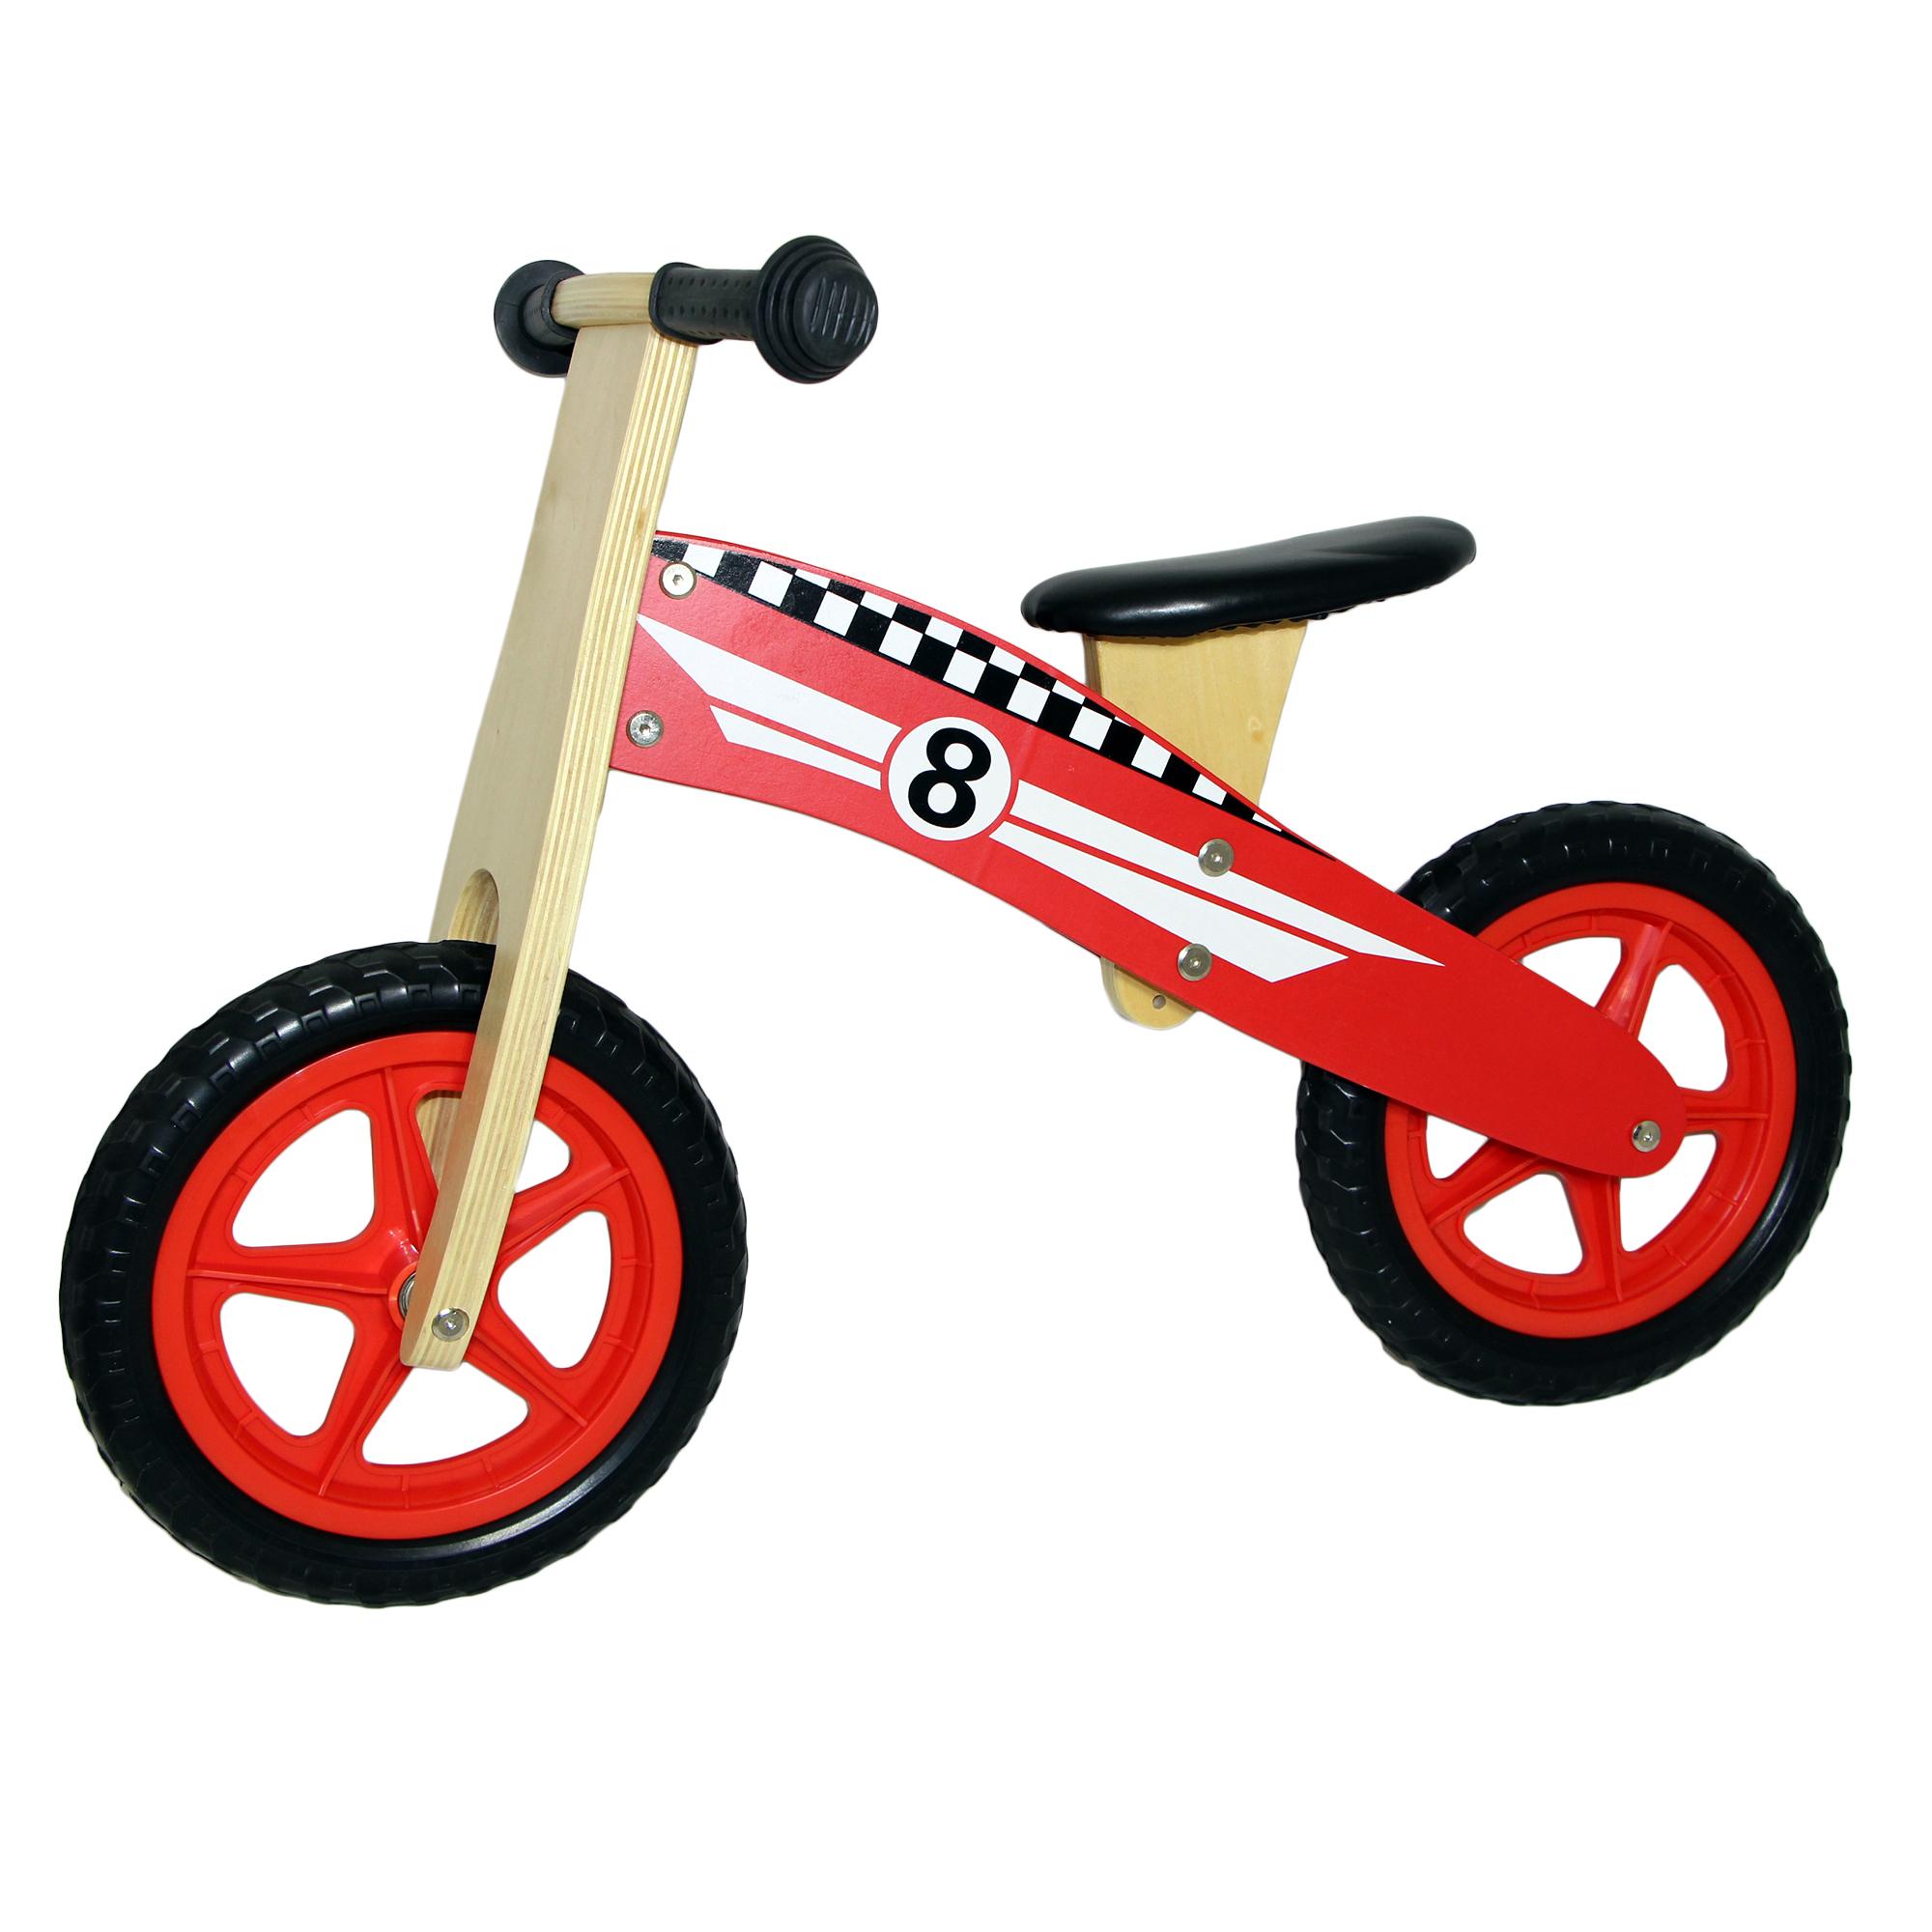 دوچرخه مدل Kids Wooden Bike - Gt475